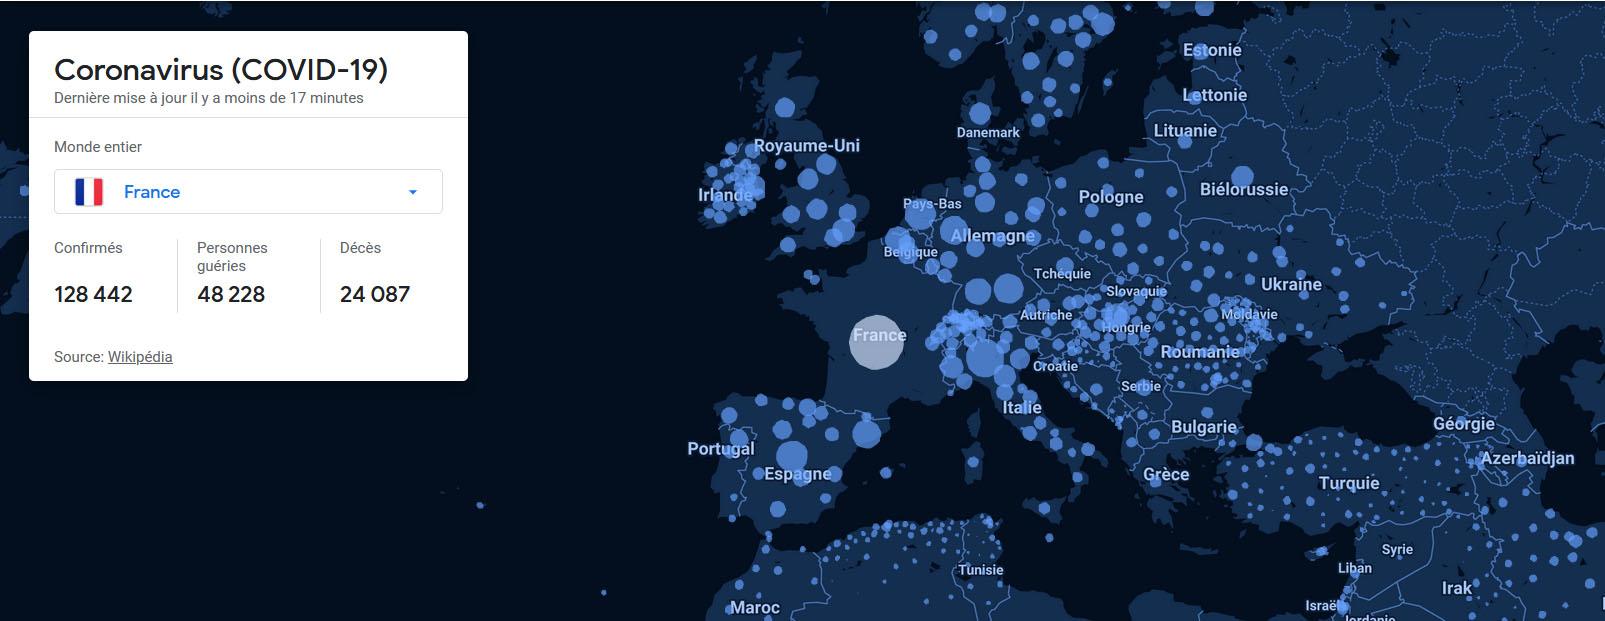 Carte interactive des données mondiales sur le coronavirus Covid-19